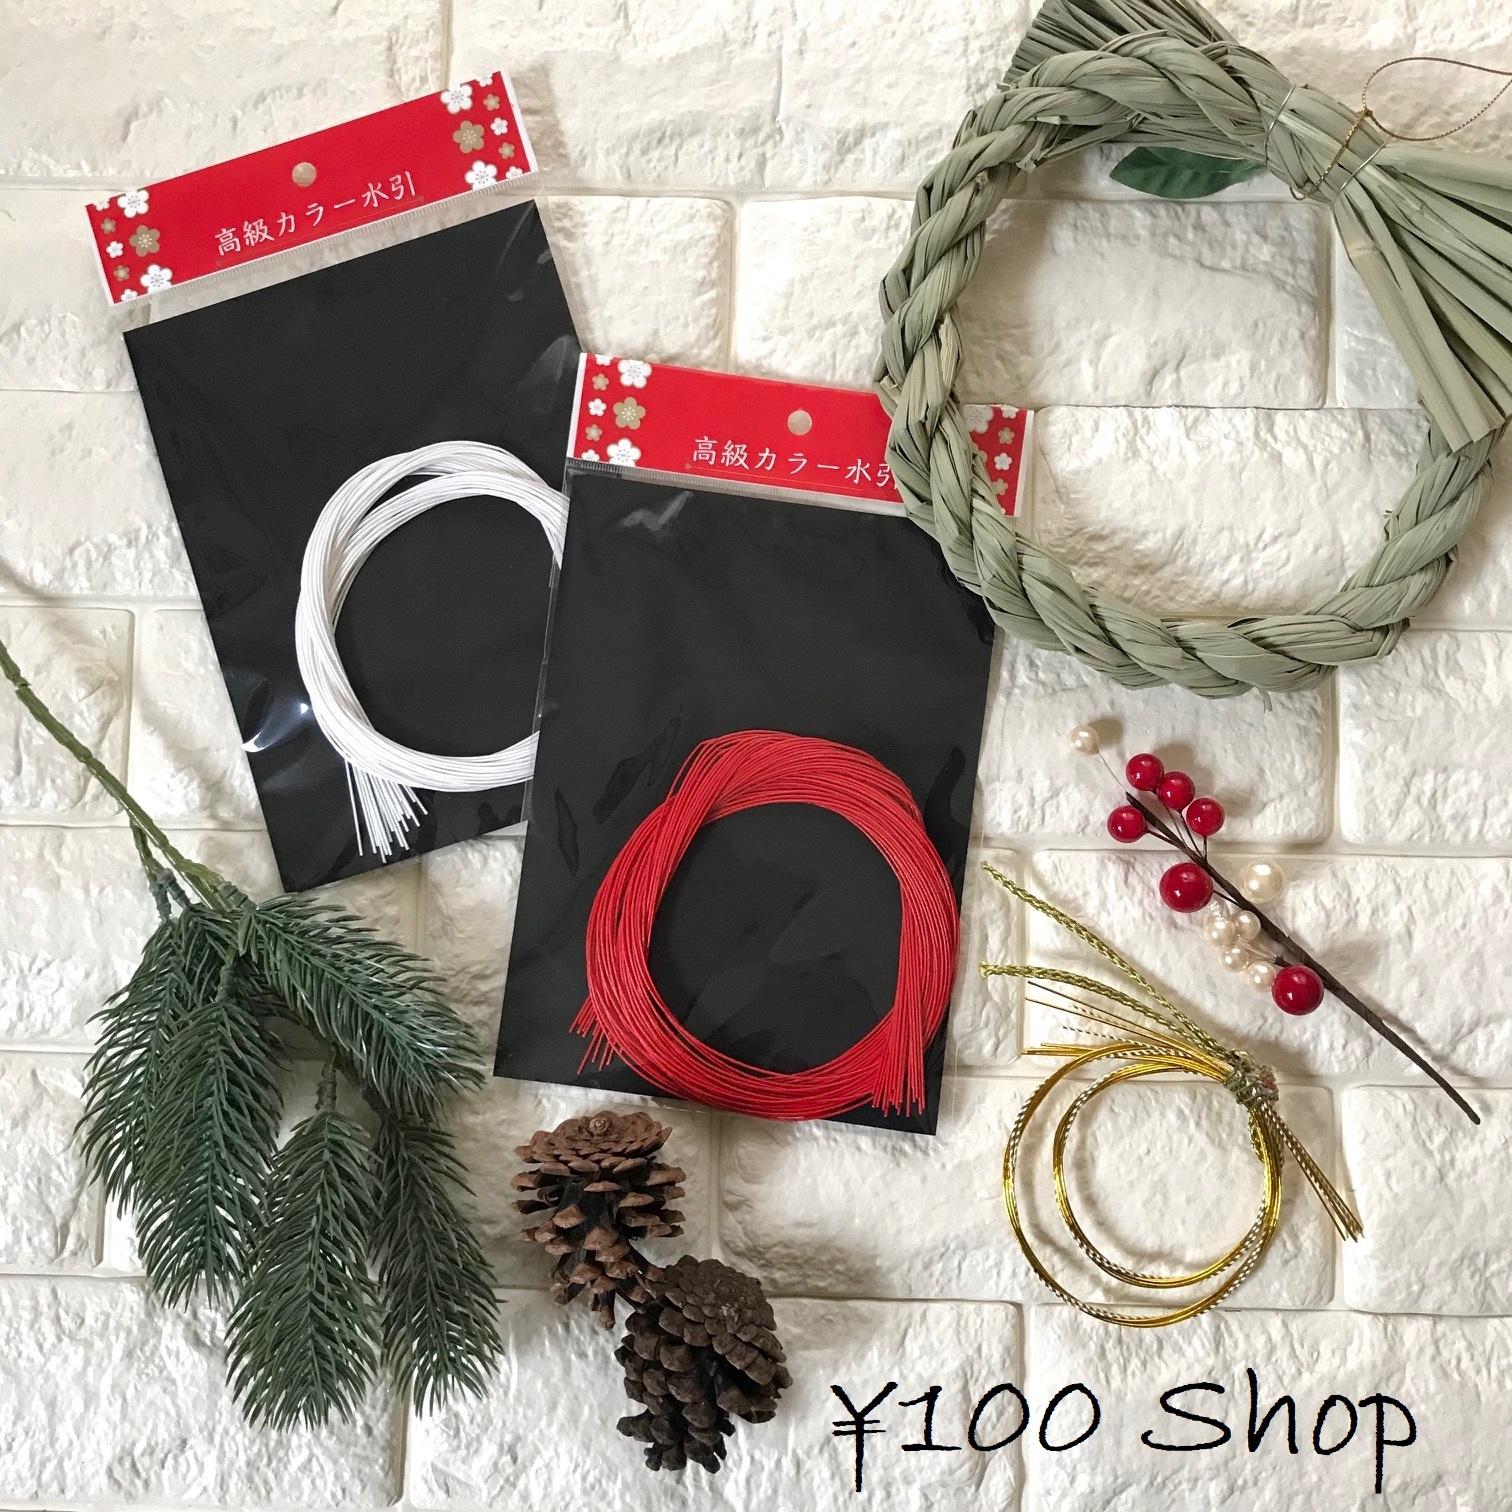 100円ショップのしめ縄飾り道具